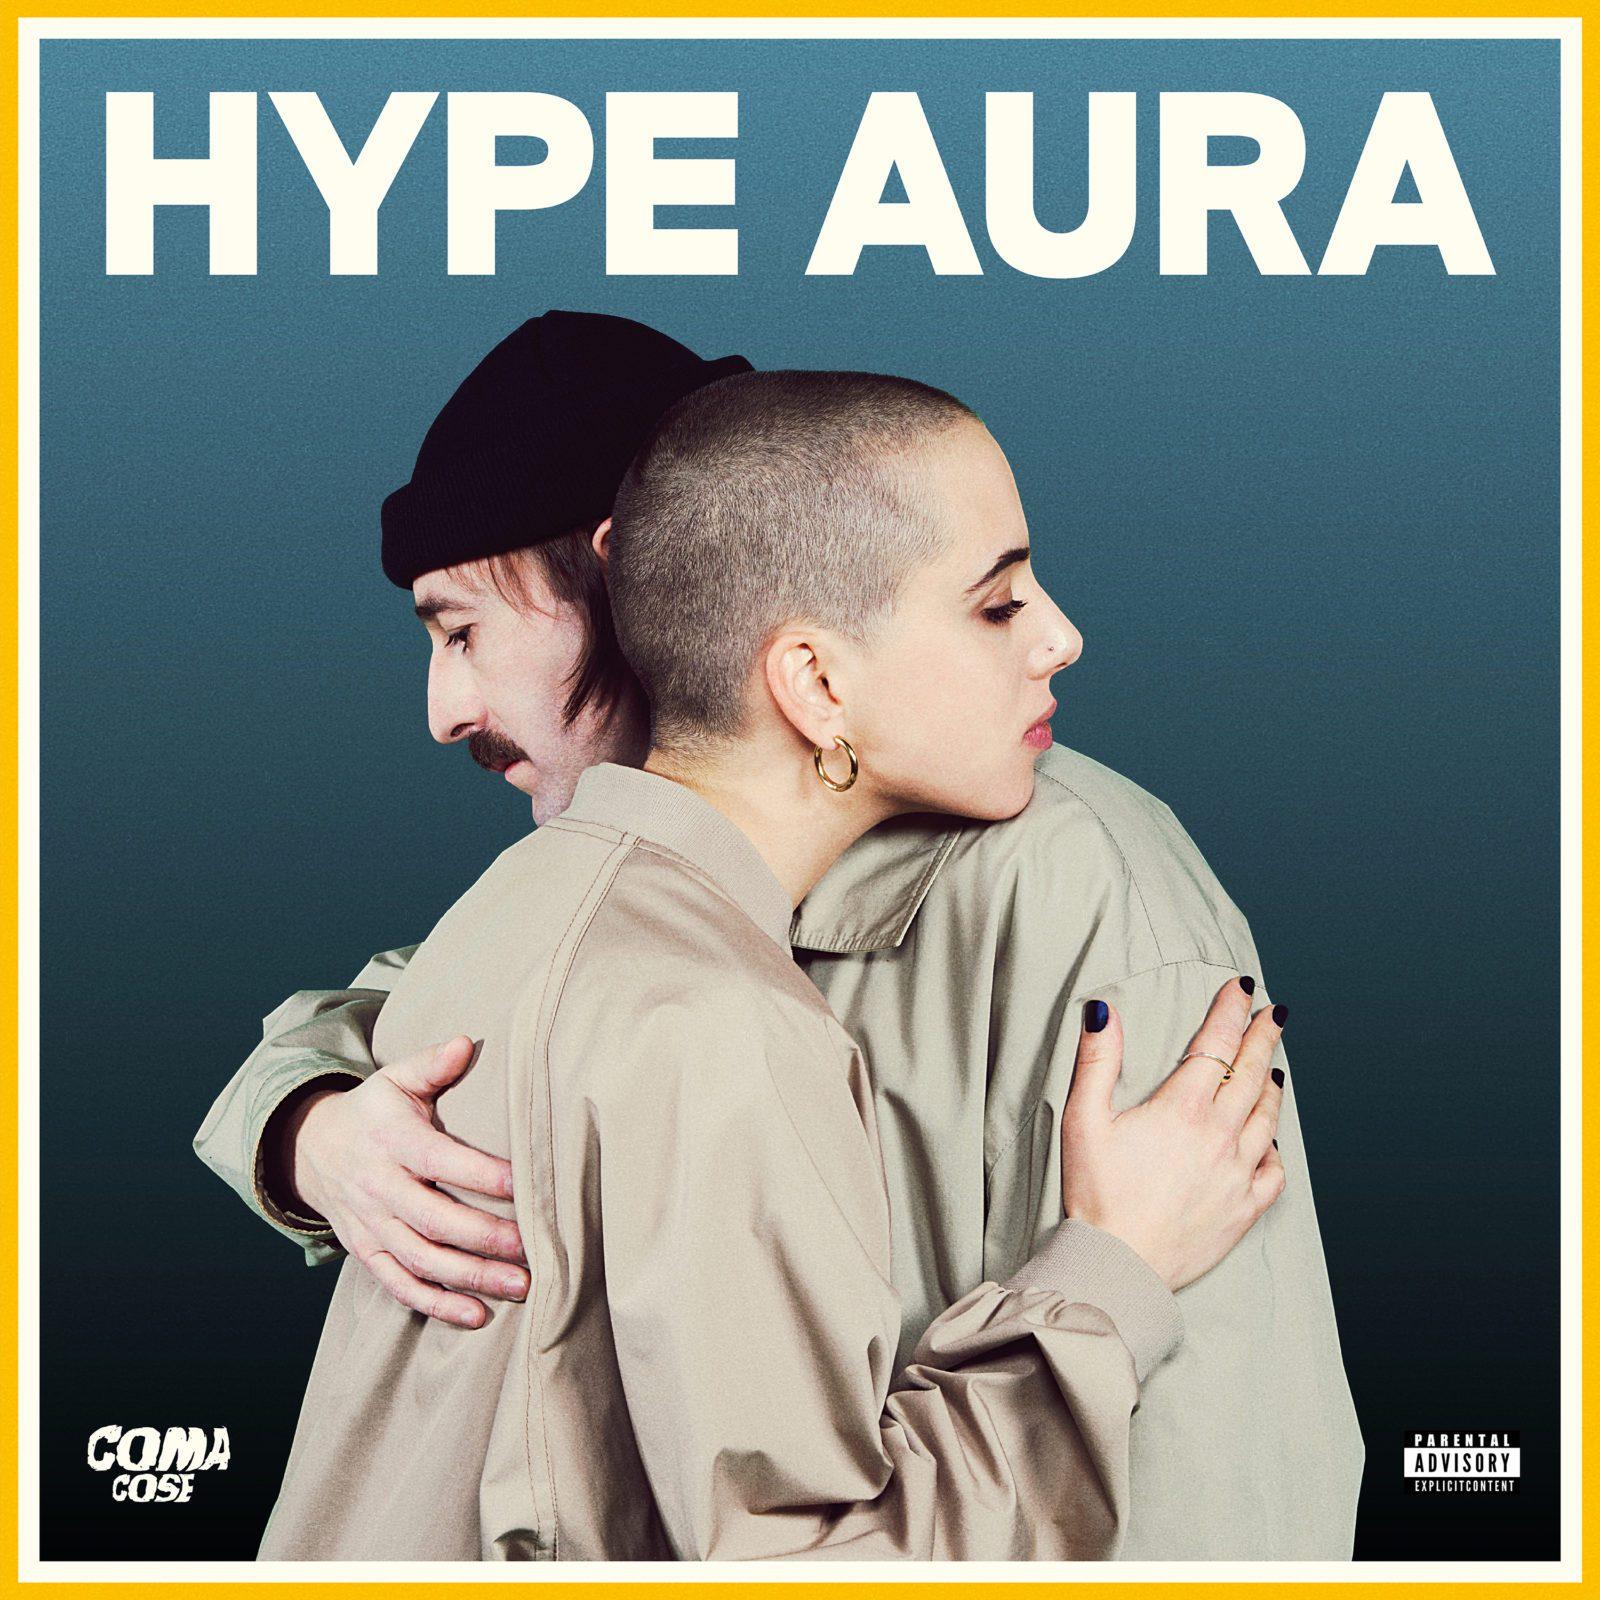 Nella copertina i due artisti si abbracciano. In alto la scritta HYPE AURA, sotto a sinistra la scritta Coma Cose